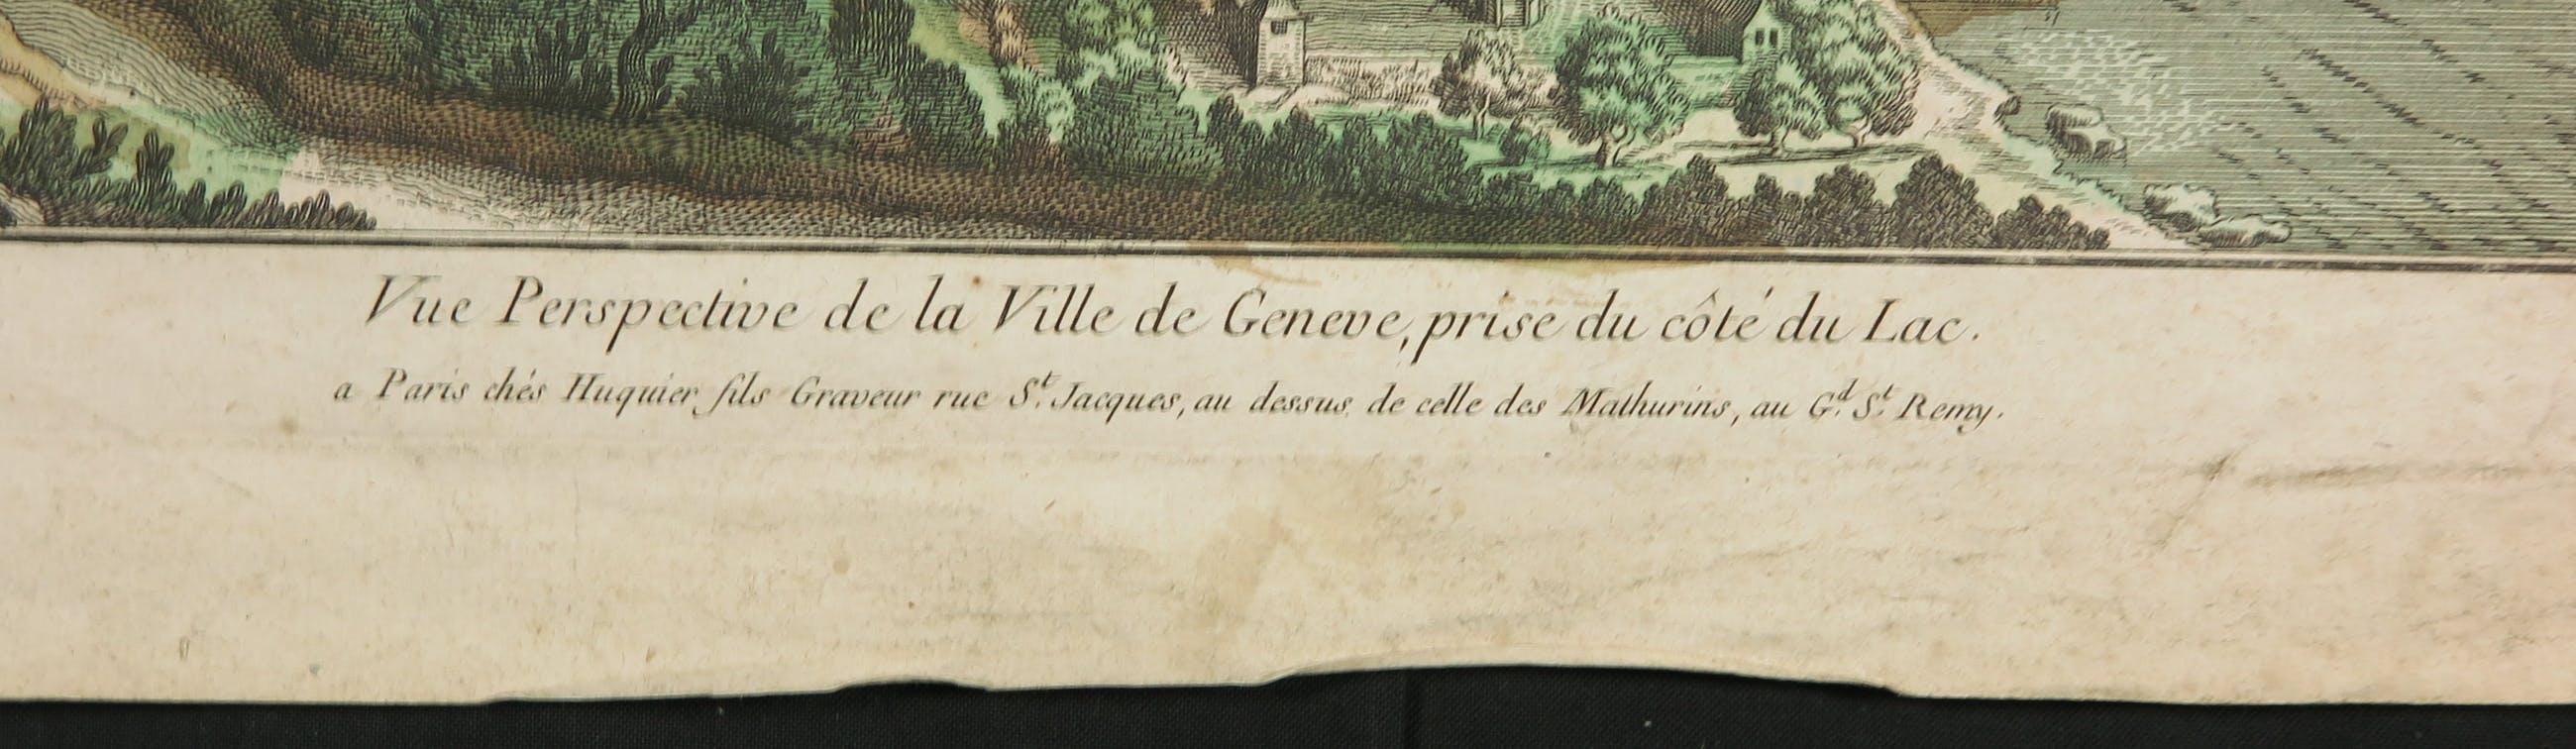 Jacques Gabriel Huquier - Gravure, La ville de Genève + J. van Wijngaarden - Aquarel, Boerenvrouw kopen? Bied vanaf 1!